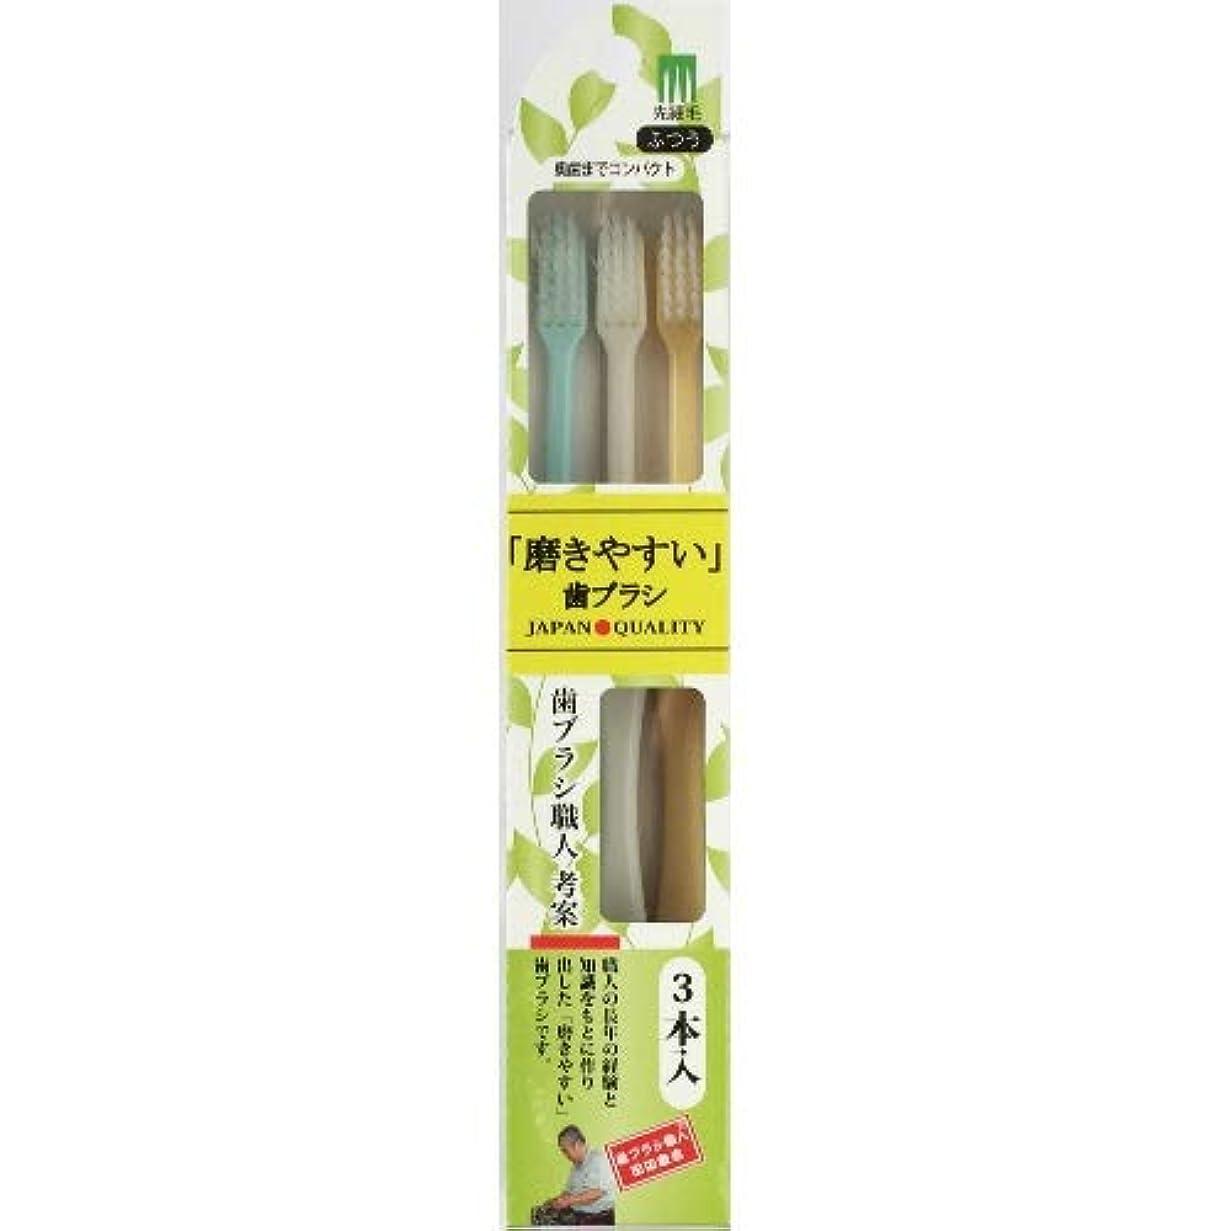 しみストレス液体ライフレンジ ELT-1 磨きやすい歯ブラシ 奥歯までコンパクト 先細 3本入